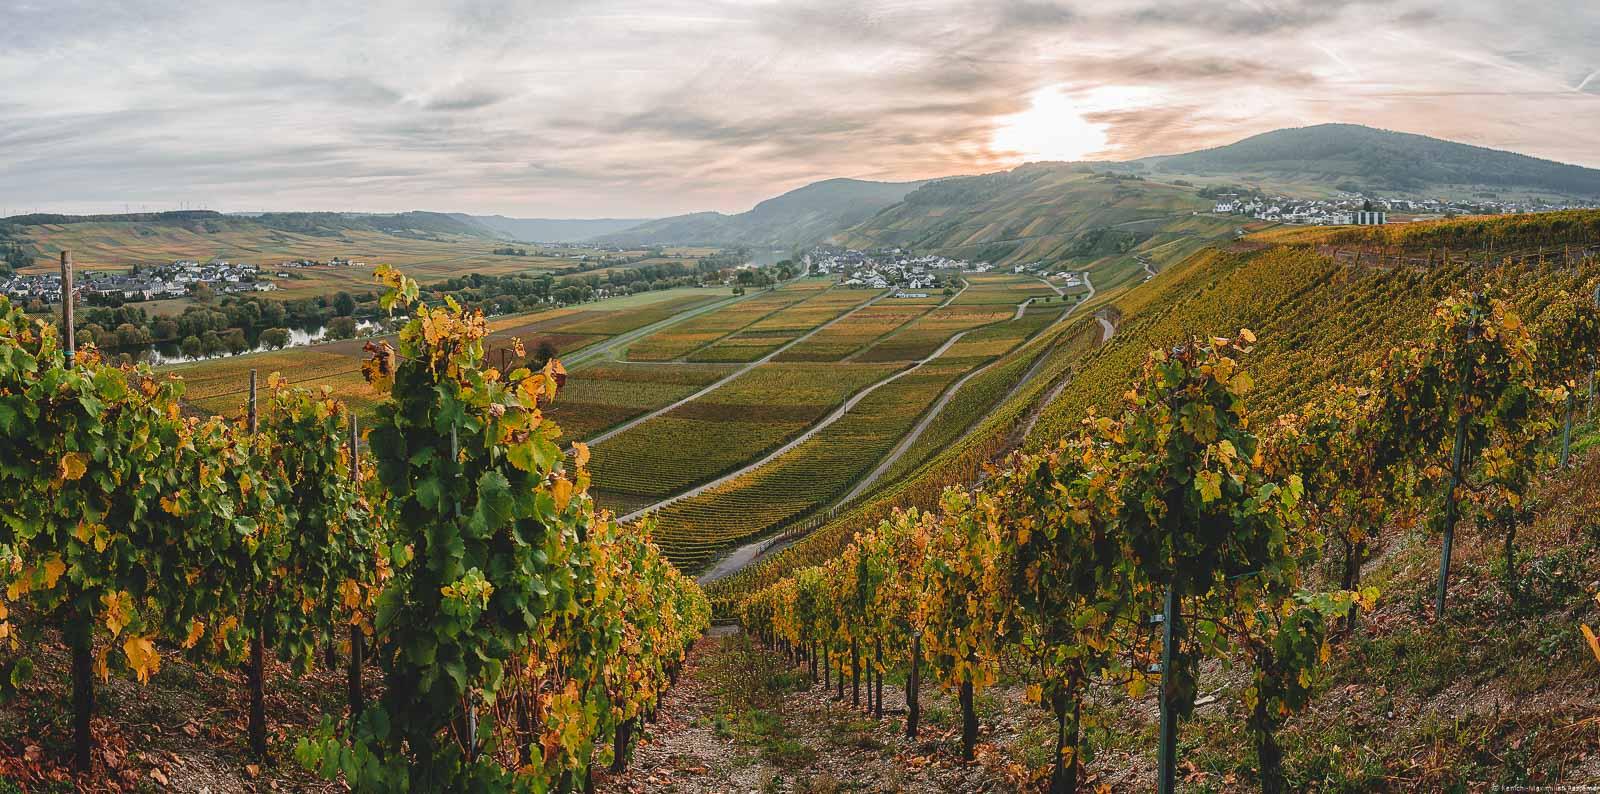 Sonnenuntergang bei Dusemond, Kesten und Osann im Herbst. Vorne erblickt man den Weinberg Kestener Herrenberg. Links verläuft der Lauf der Mosel.